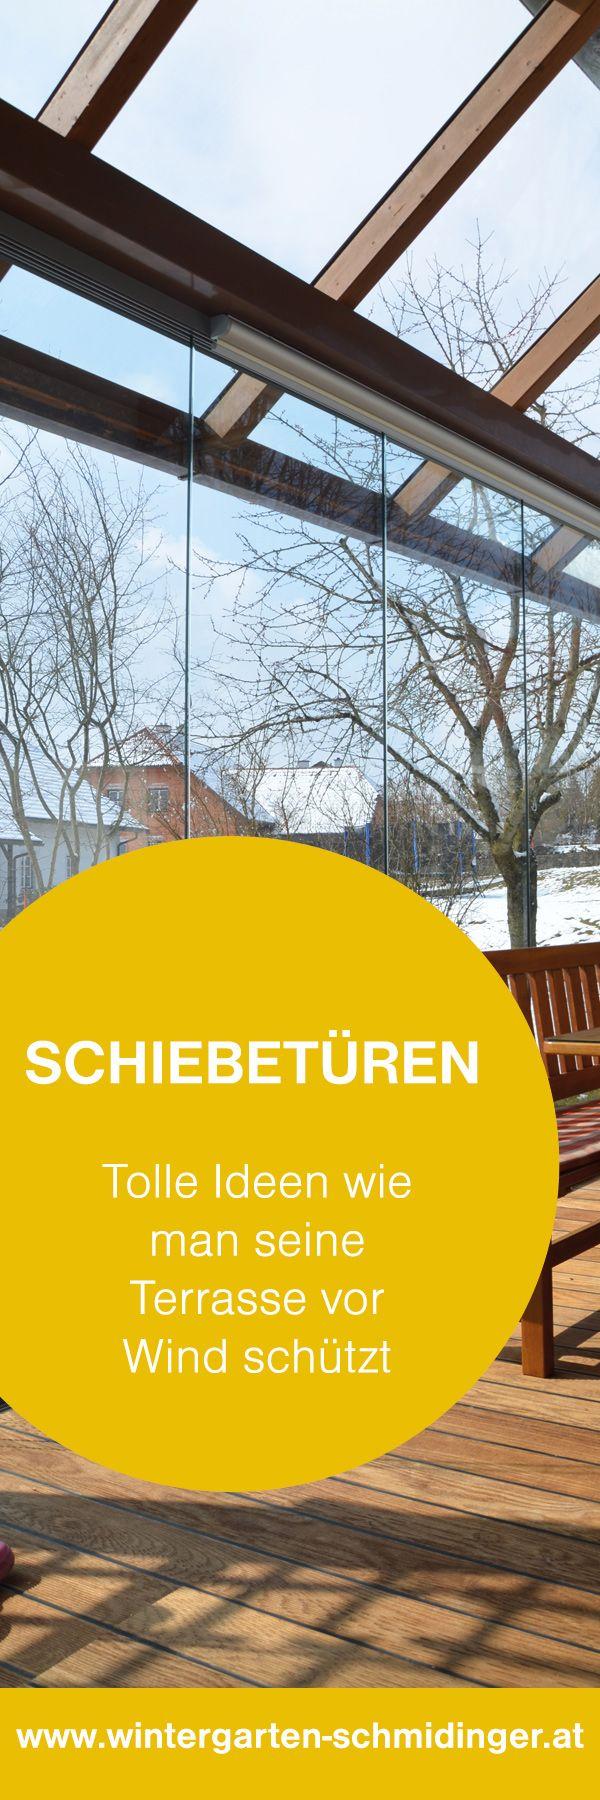 Schiebetüren - Optimaler Windschutz für Terrassen!